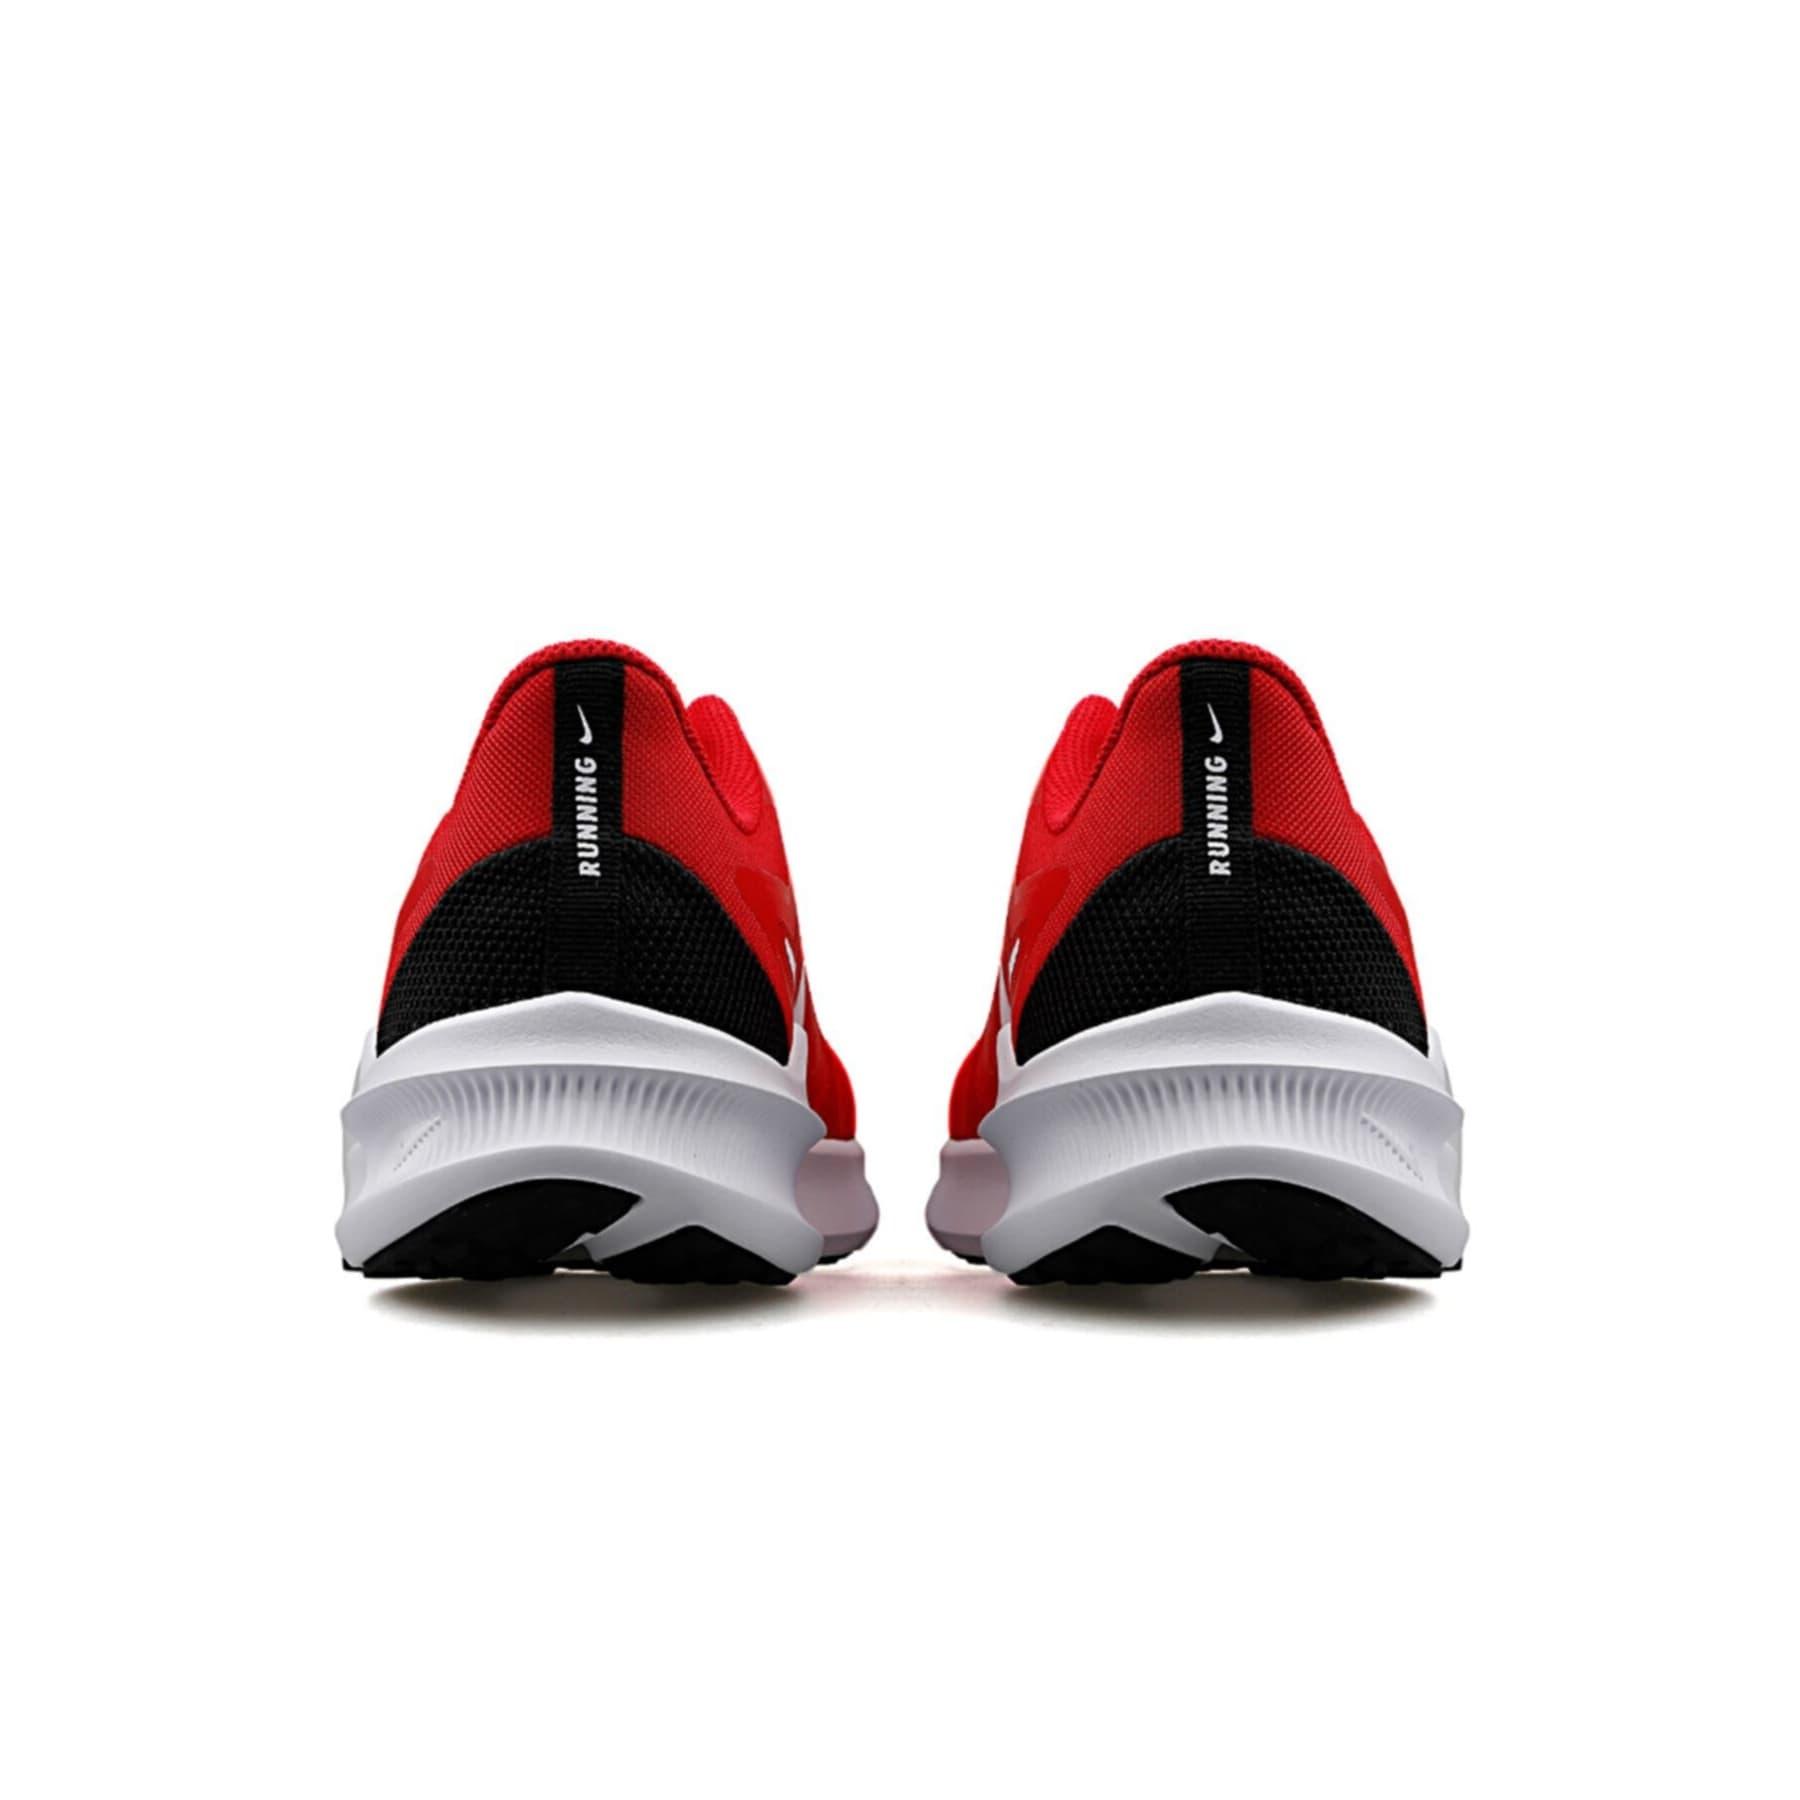 Downshifter 10 Erkek Kırmızı Koşu Ayakkabısı (CI9981-600)